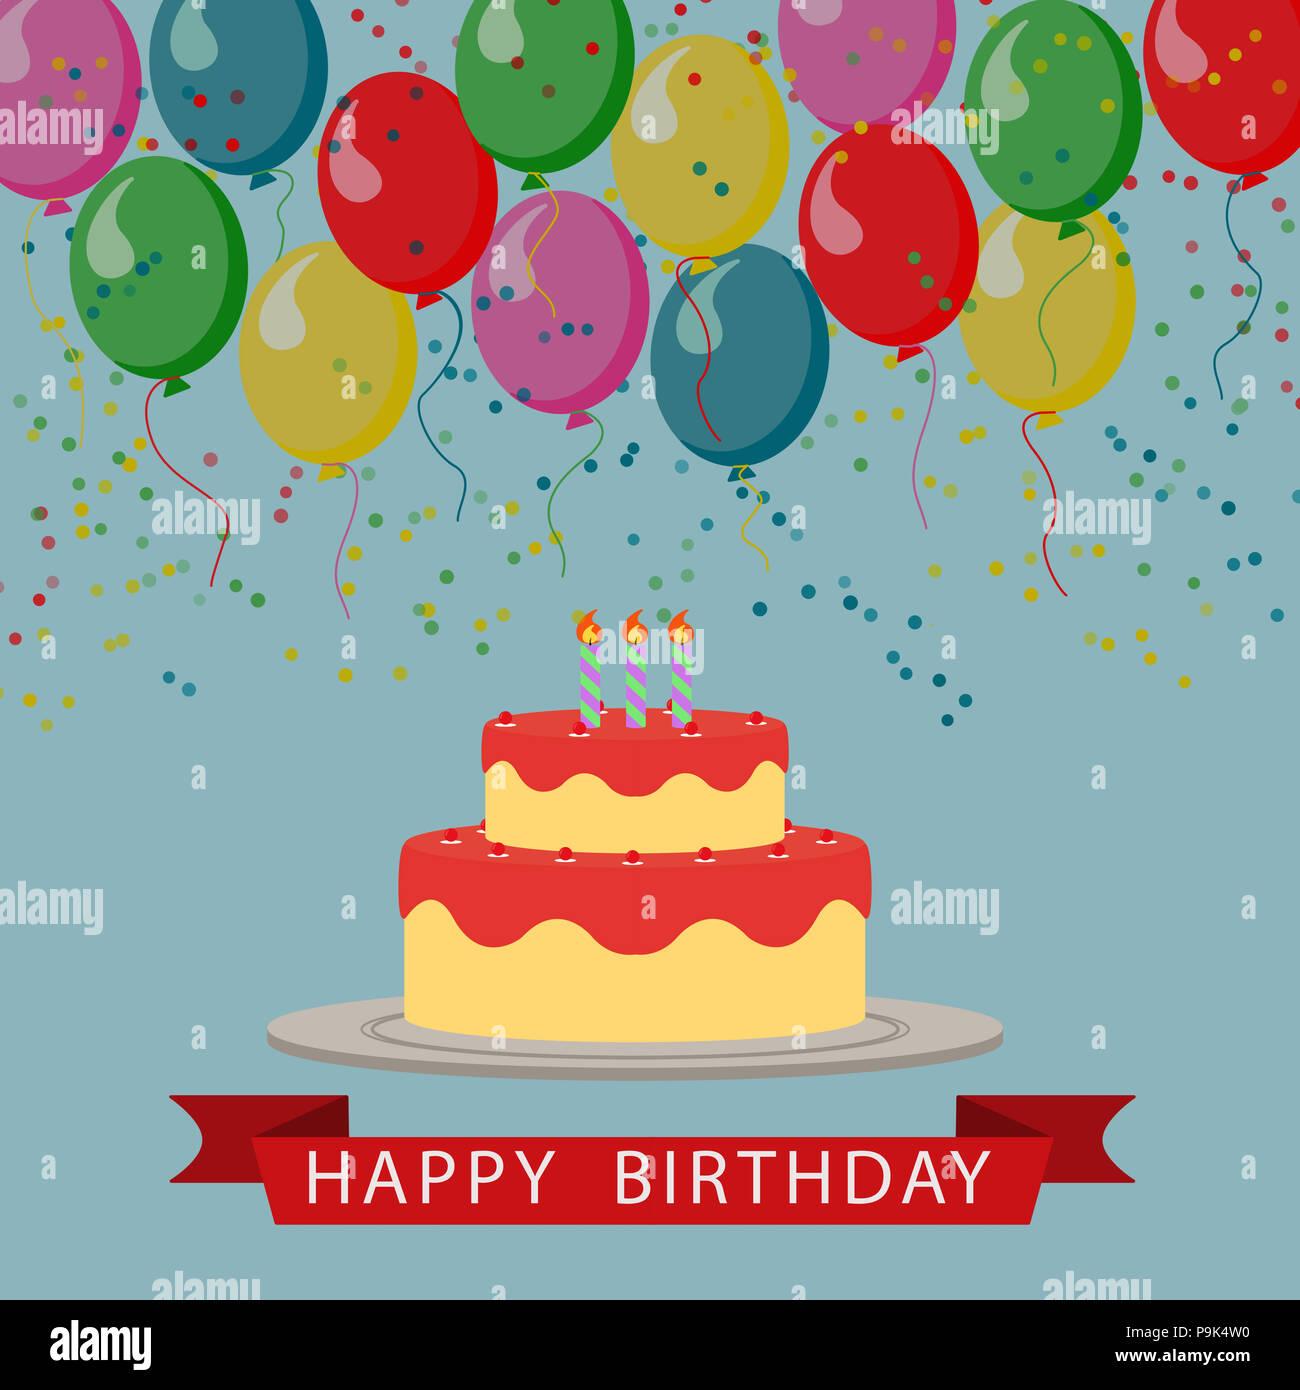 Illustrate Il Disegno Di Una Torta Di Compleanno Con Palloncini E Un